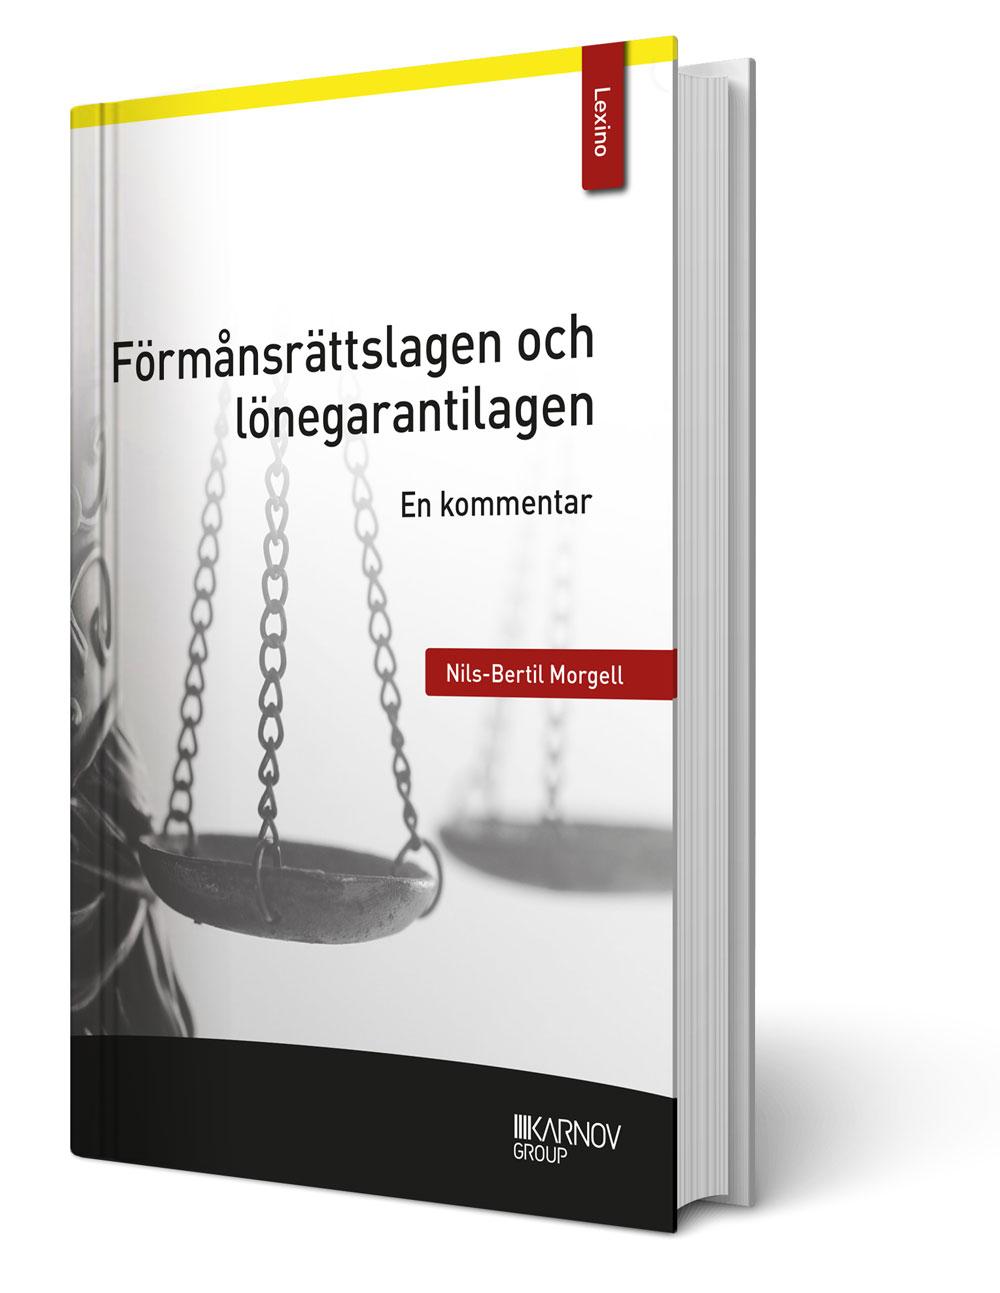 Förmånsrättslagen och lönegarantilagen – En kommentar